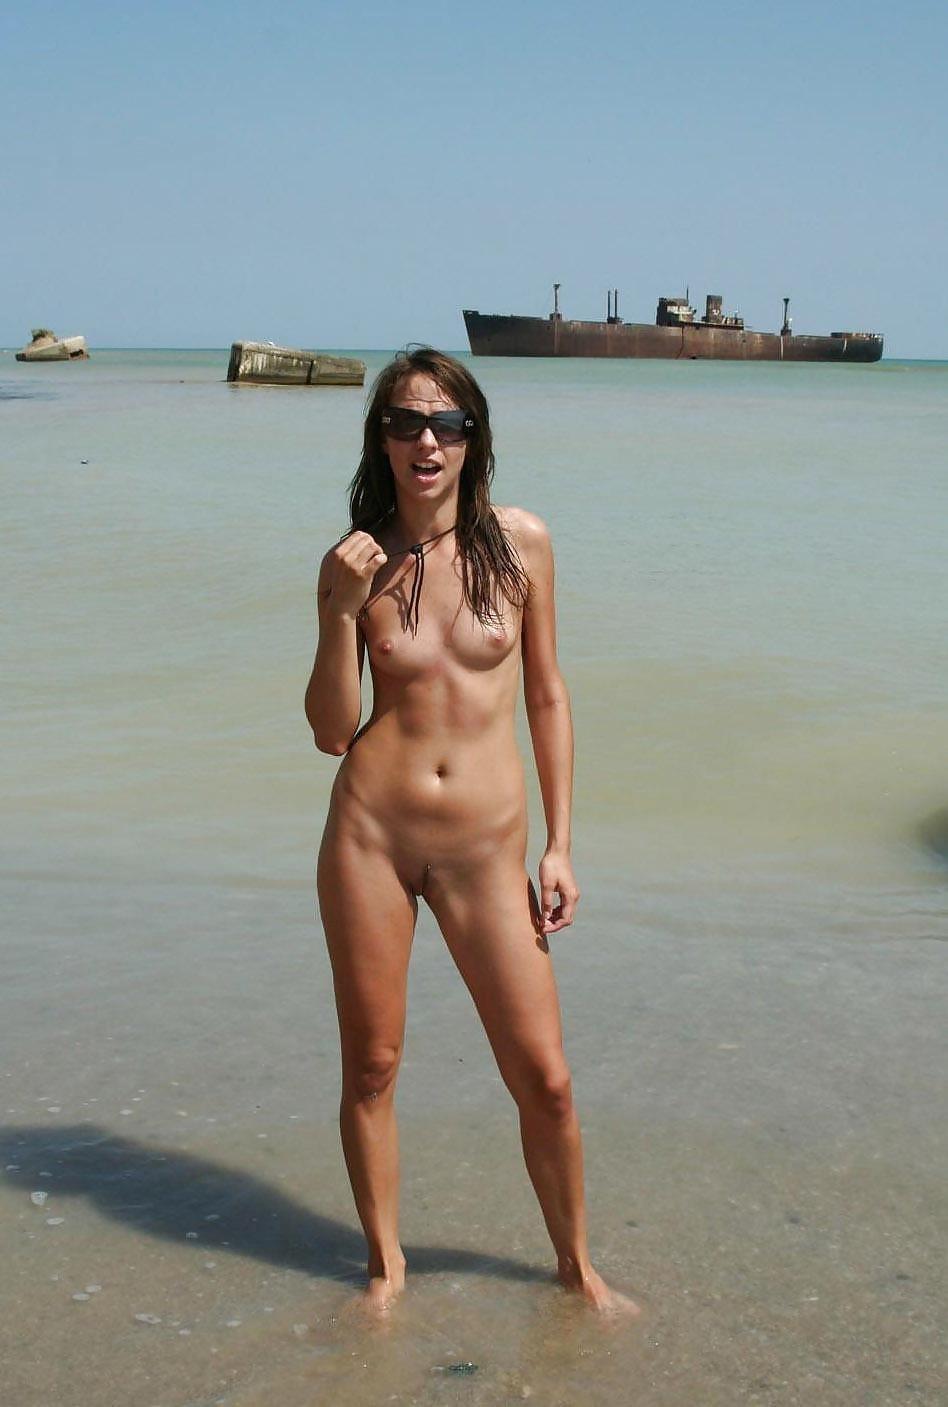 Amateur women naked in public-7616